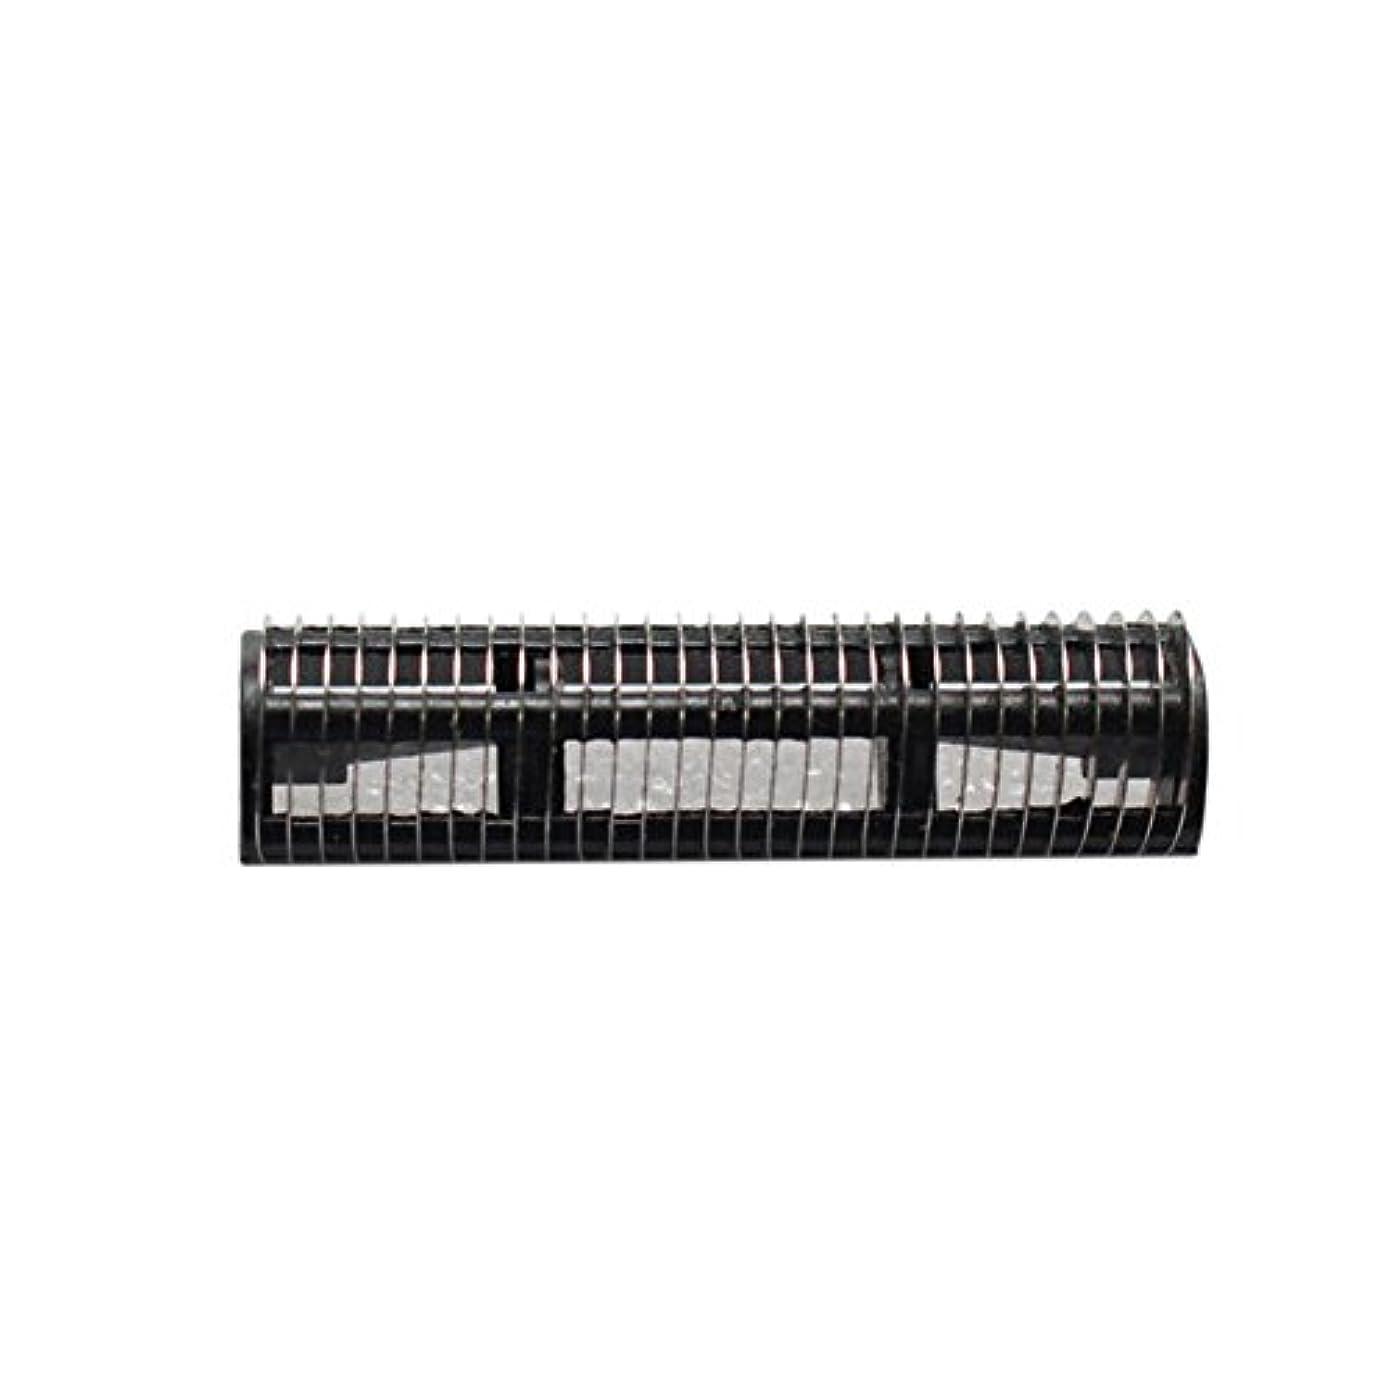 ヶ月目靴下復活するHZjundasi Replacement シェーバー 刃 for Braun 5S/614/3000 Model BS575 3610 P10 555